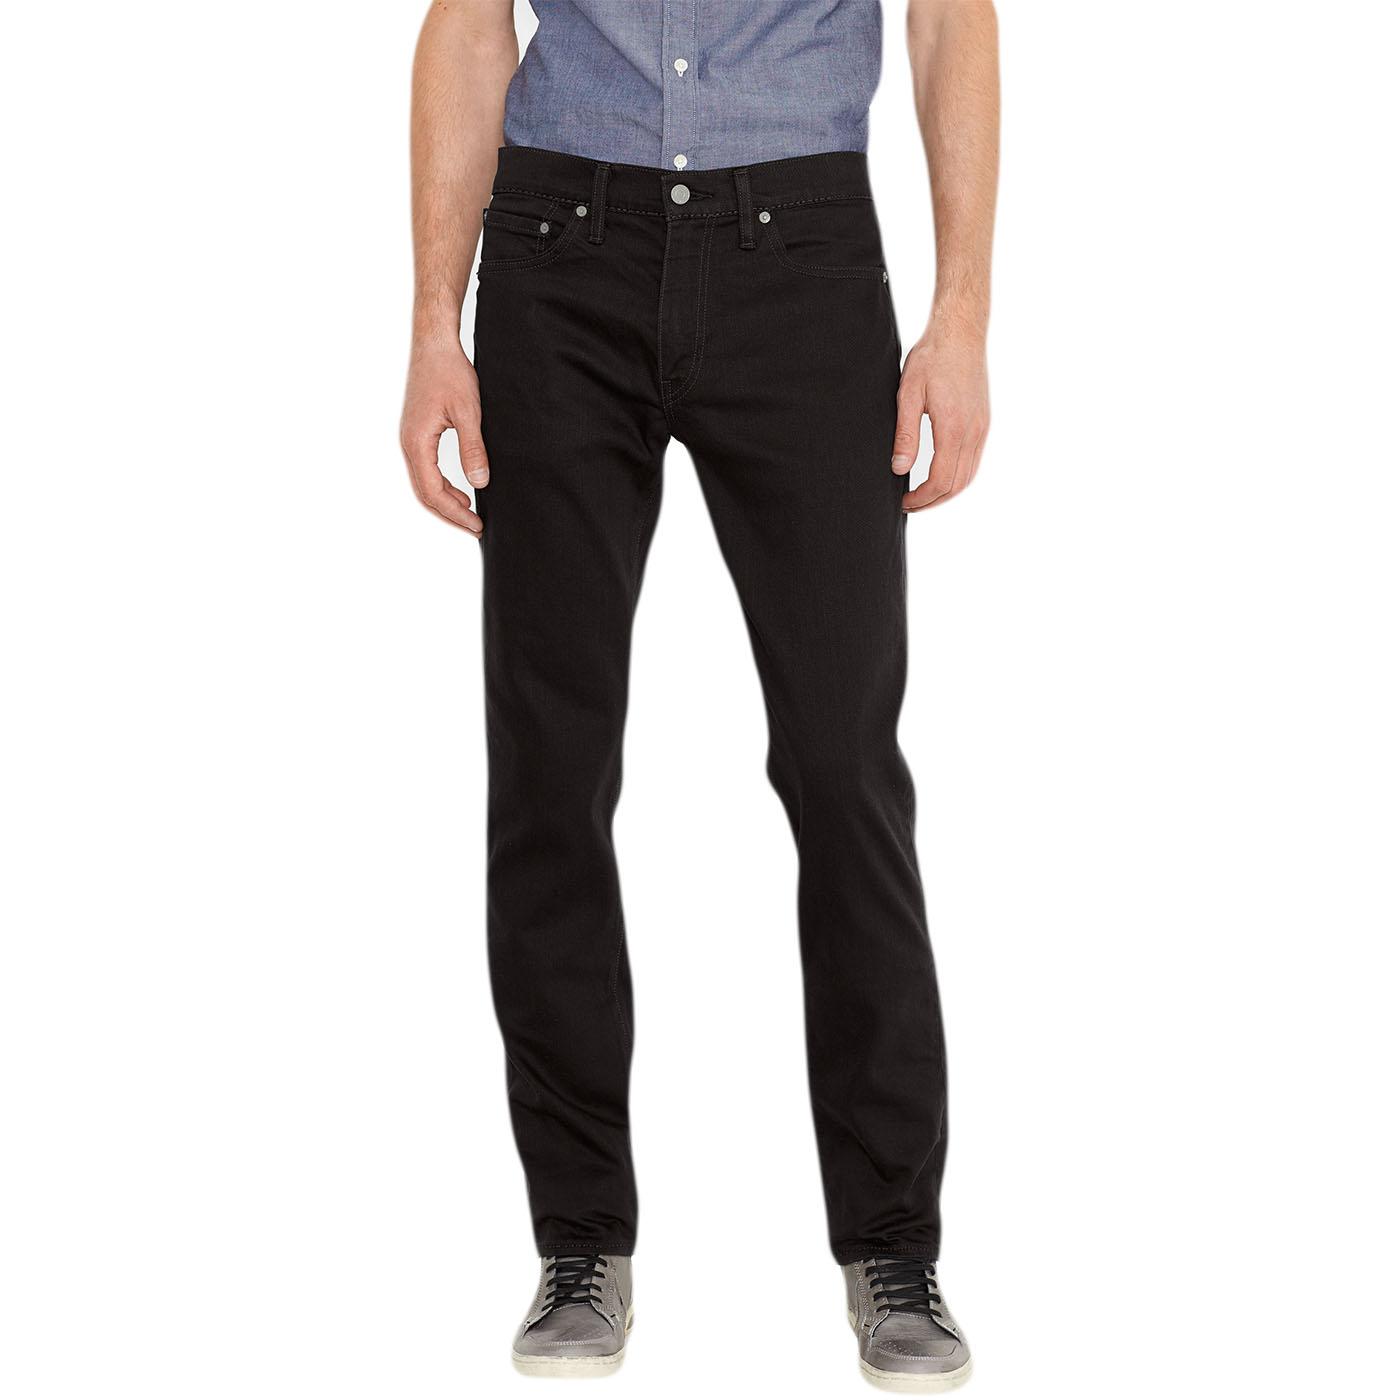 Levi Strauss Jean 511 Black Slim Fit